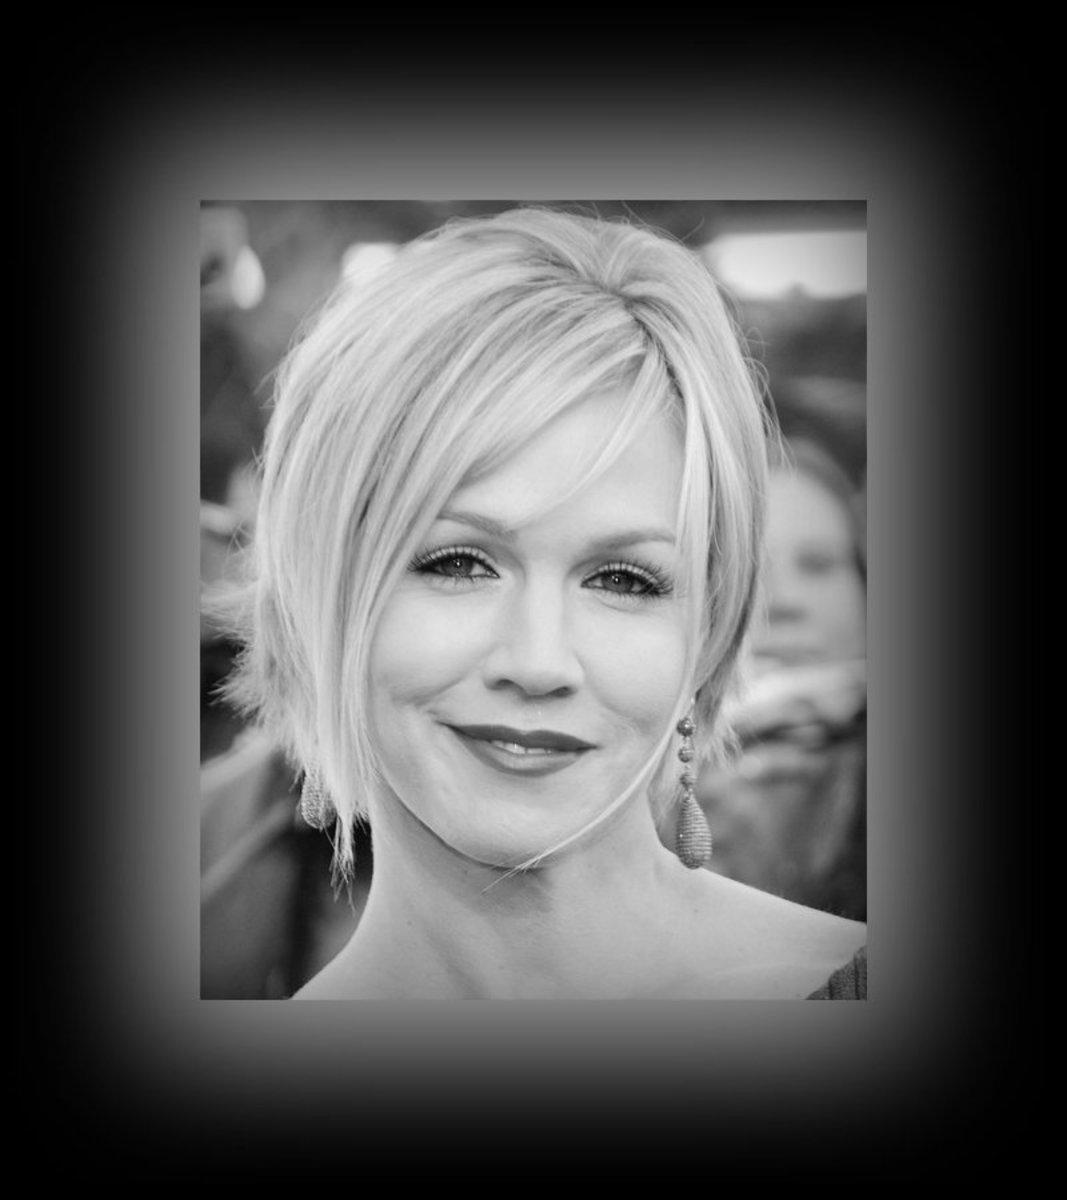 Jennie Garth - Best Short Bob - 2013 Best Celebrity Short Hairstyles Hair Cuts Trends